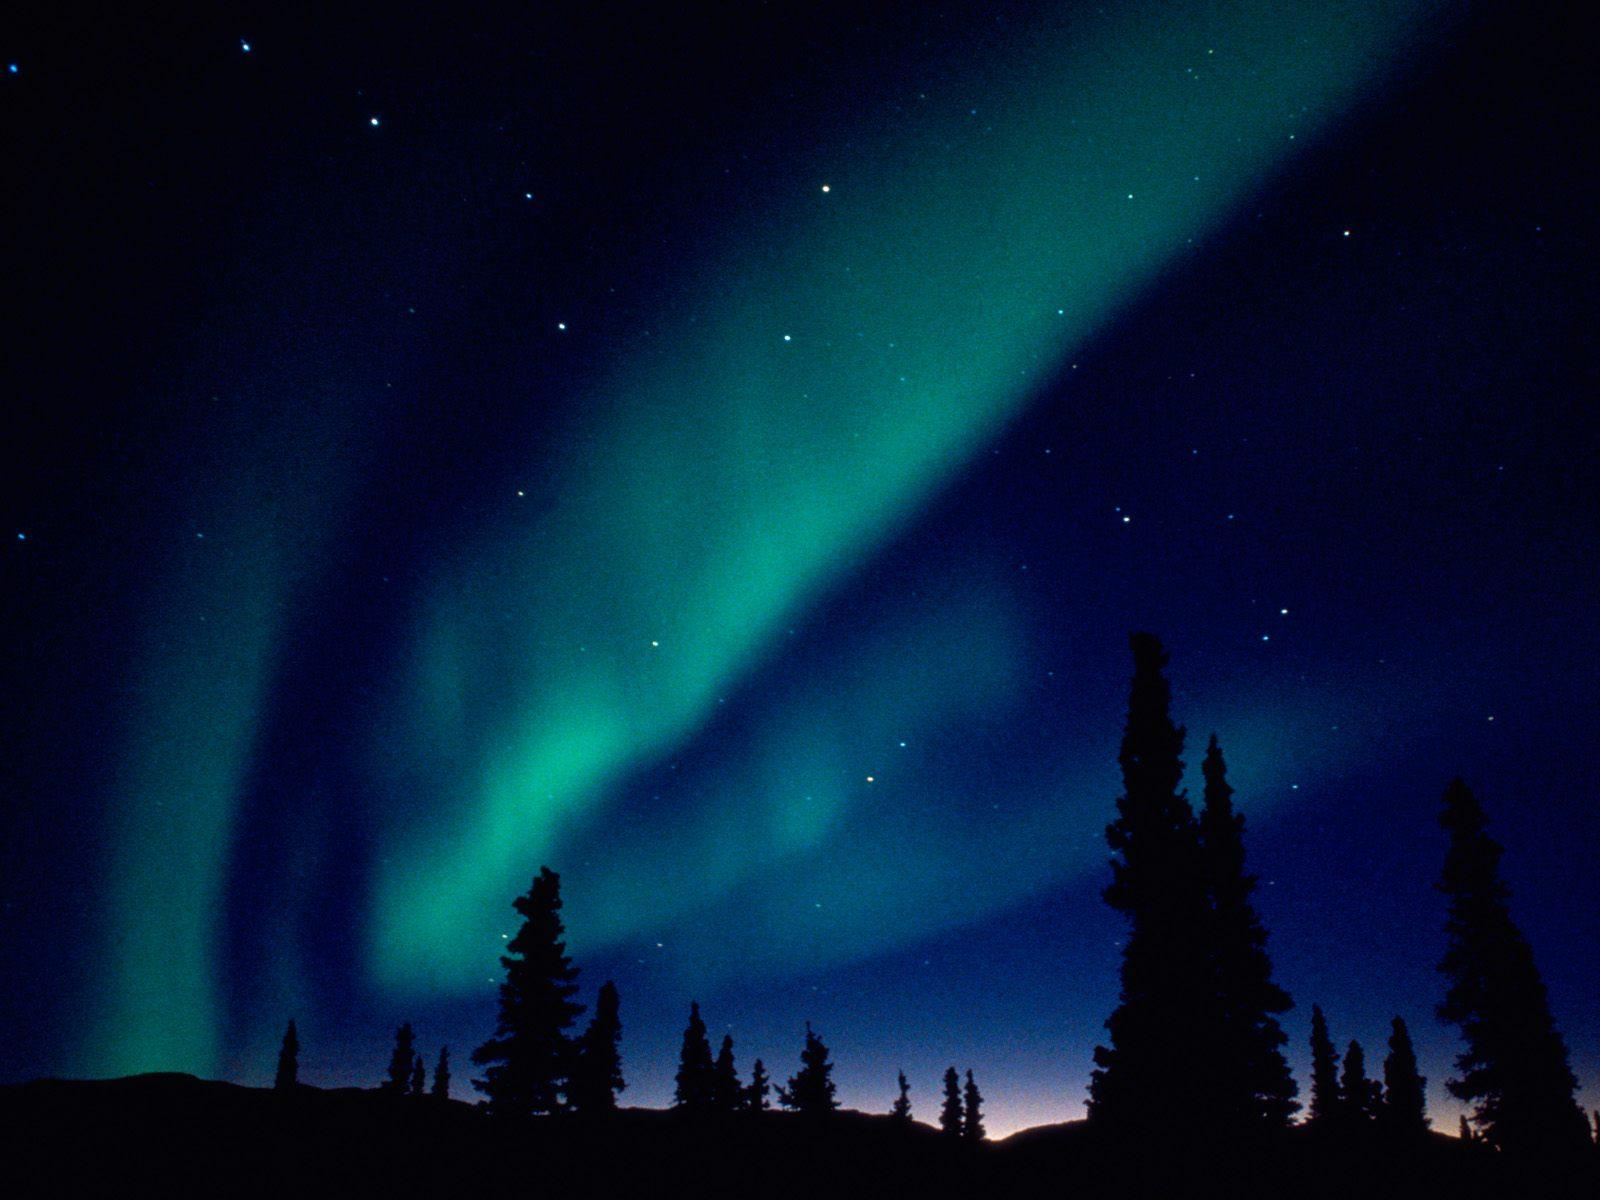 http://2.bp.blogspot.com/_kUym4v-IiME/TF7B7JGVd9I/AAAAAAAAAig/82firzgu0pk/s1600/Aurora-Borealis-Alaska.jpg